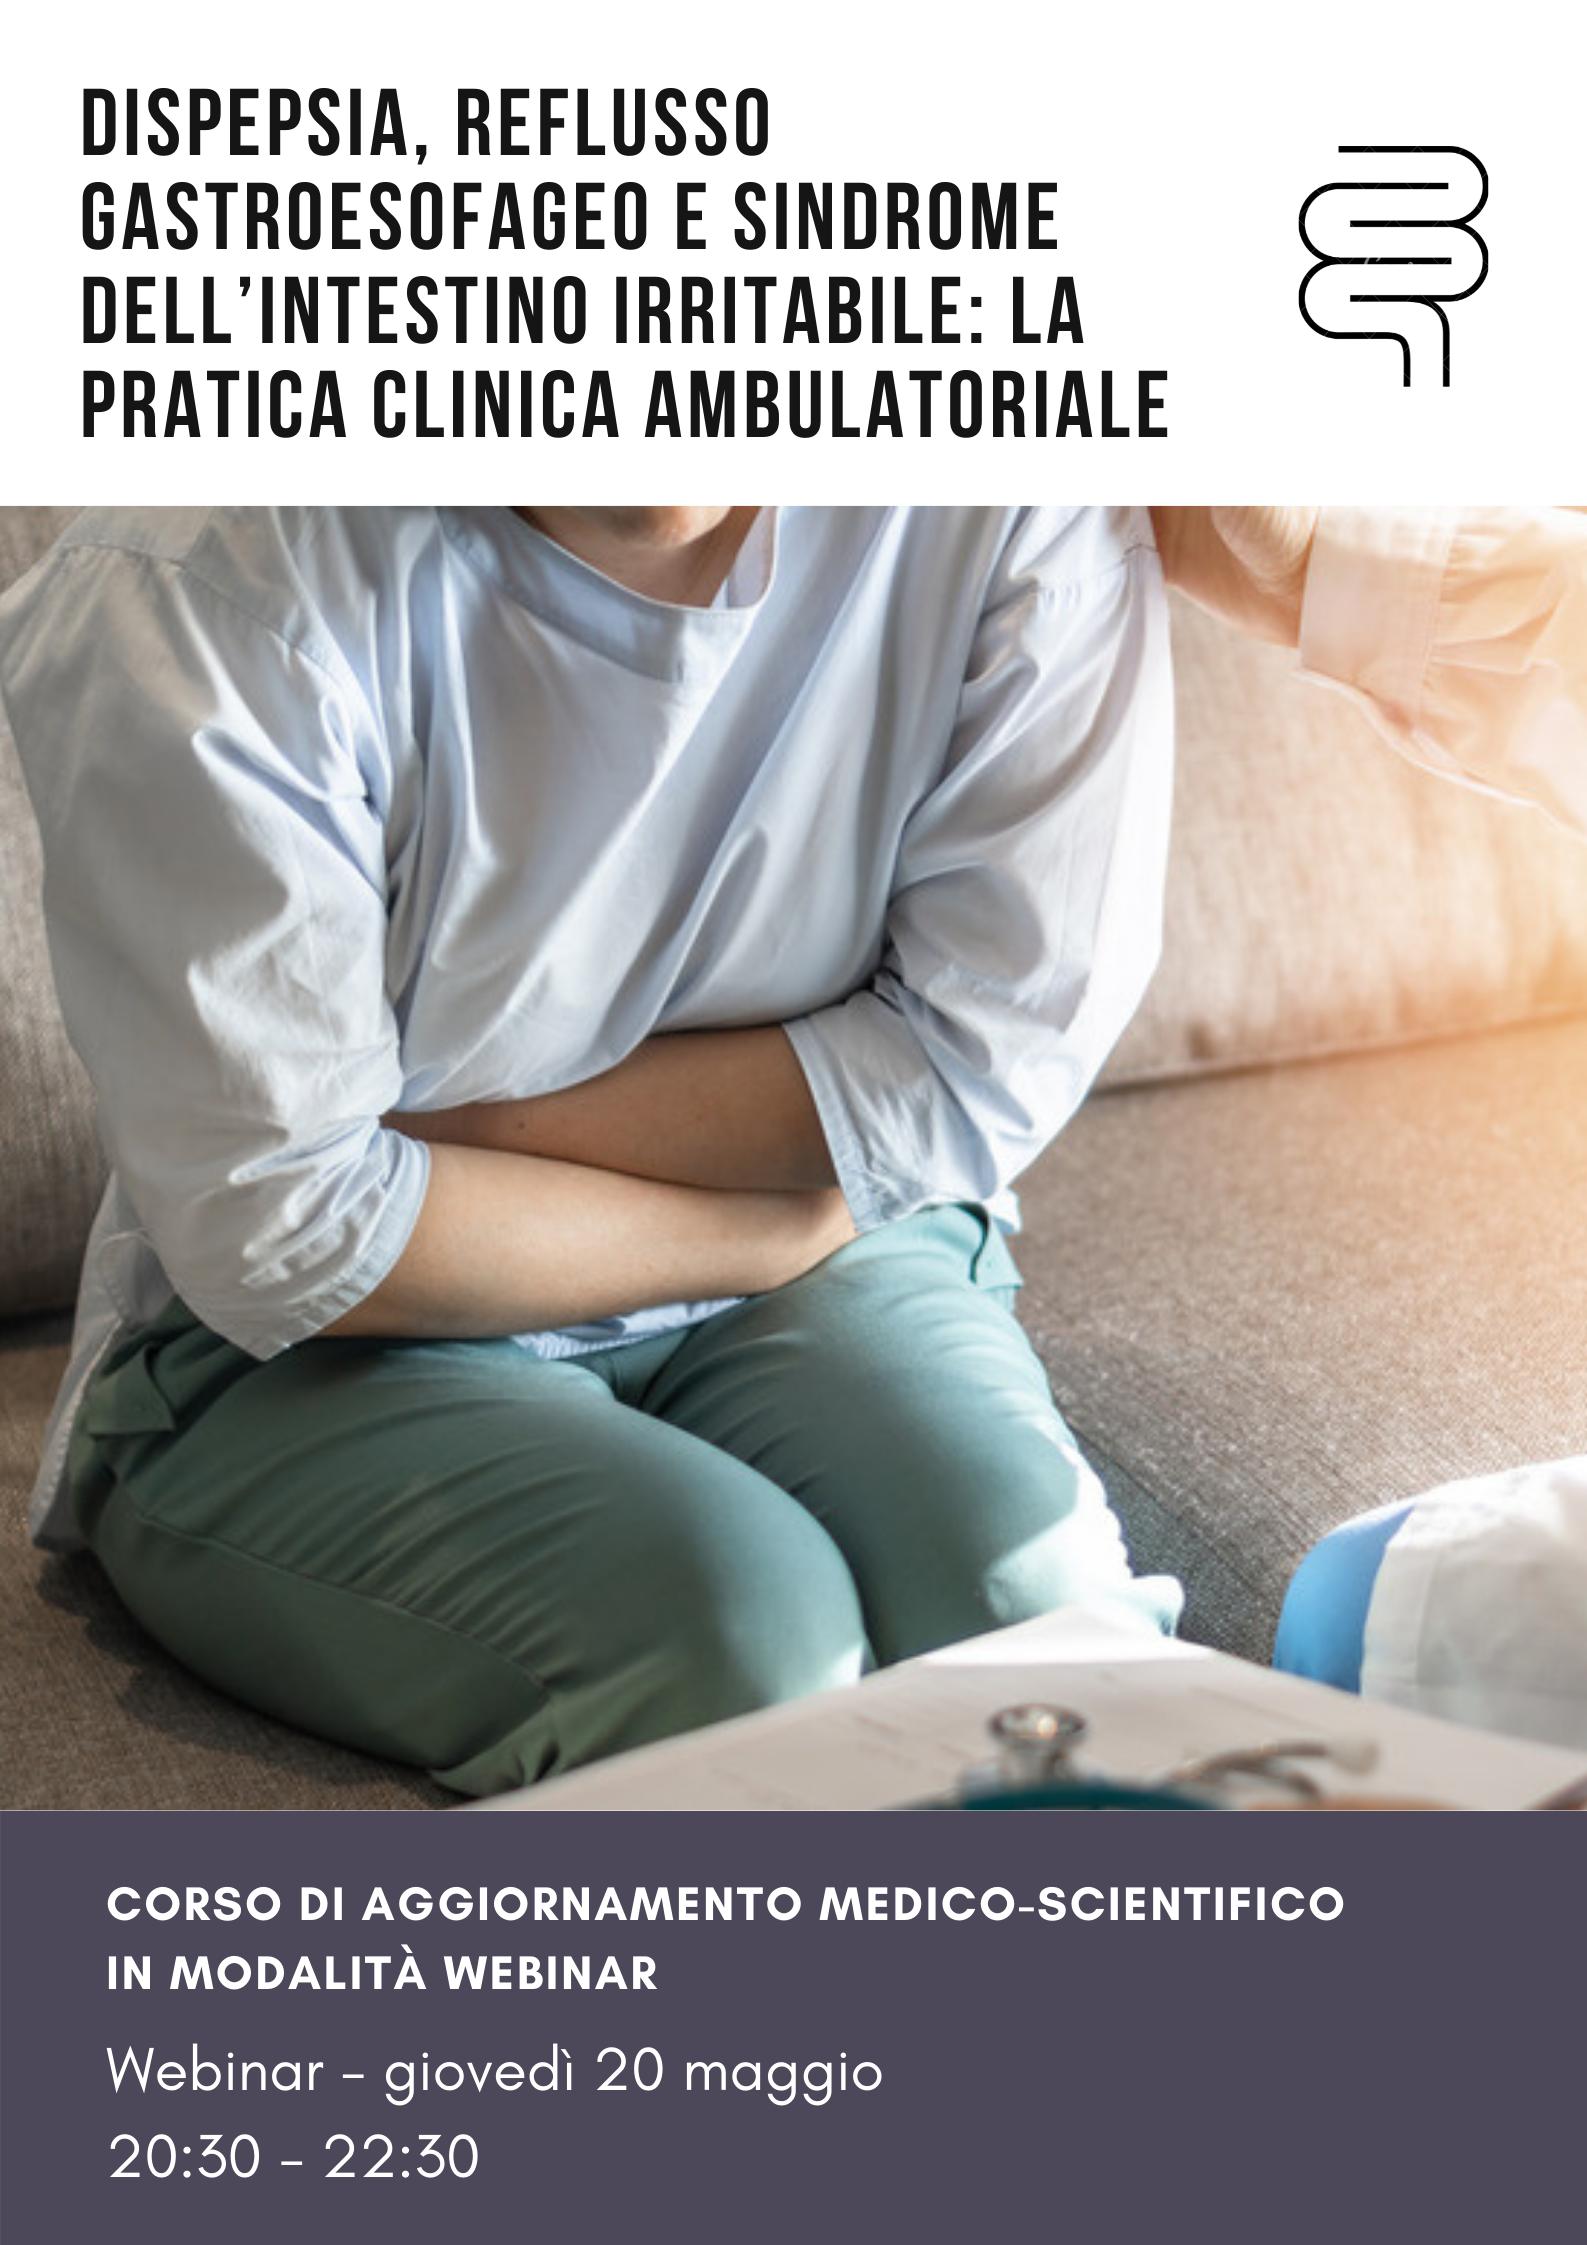 Dispepsia, reflusso gastroesofageo e sindrome dell'intestino irritabile: la pratica clinica ambulatoriale